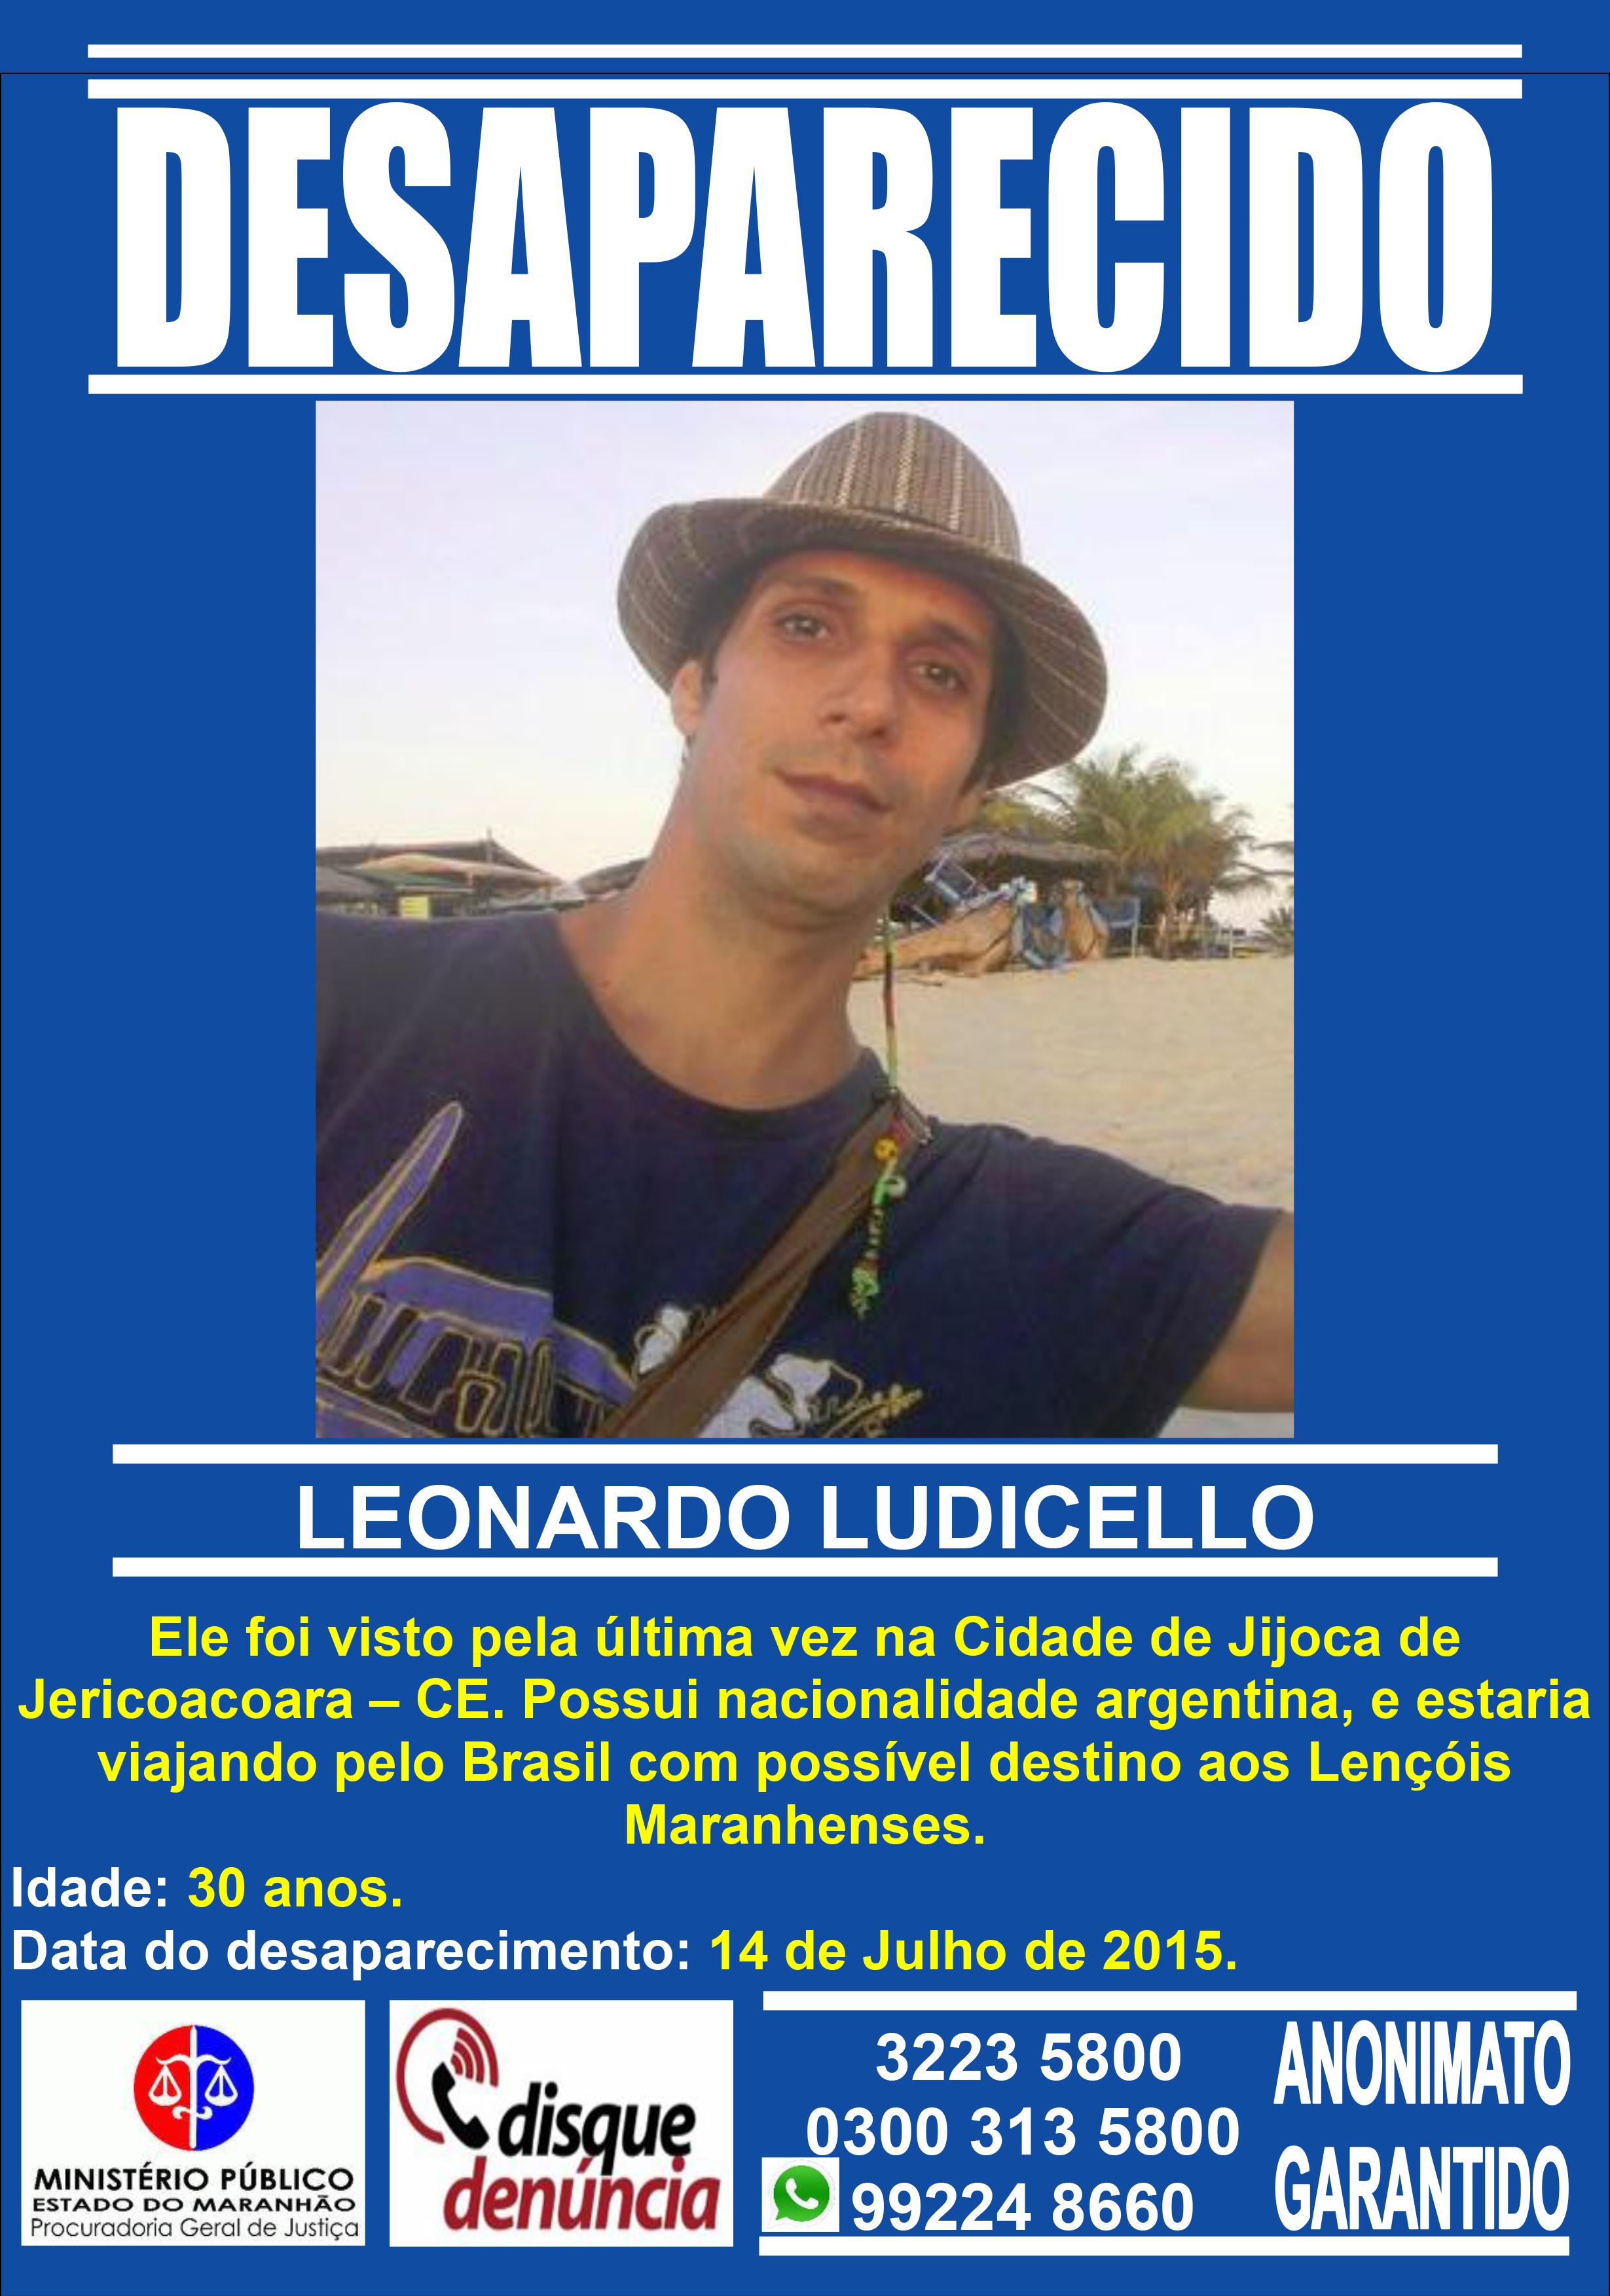 leonardo-ludicello.png